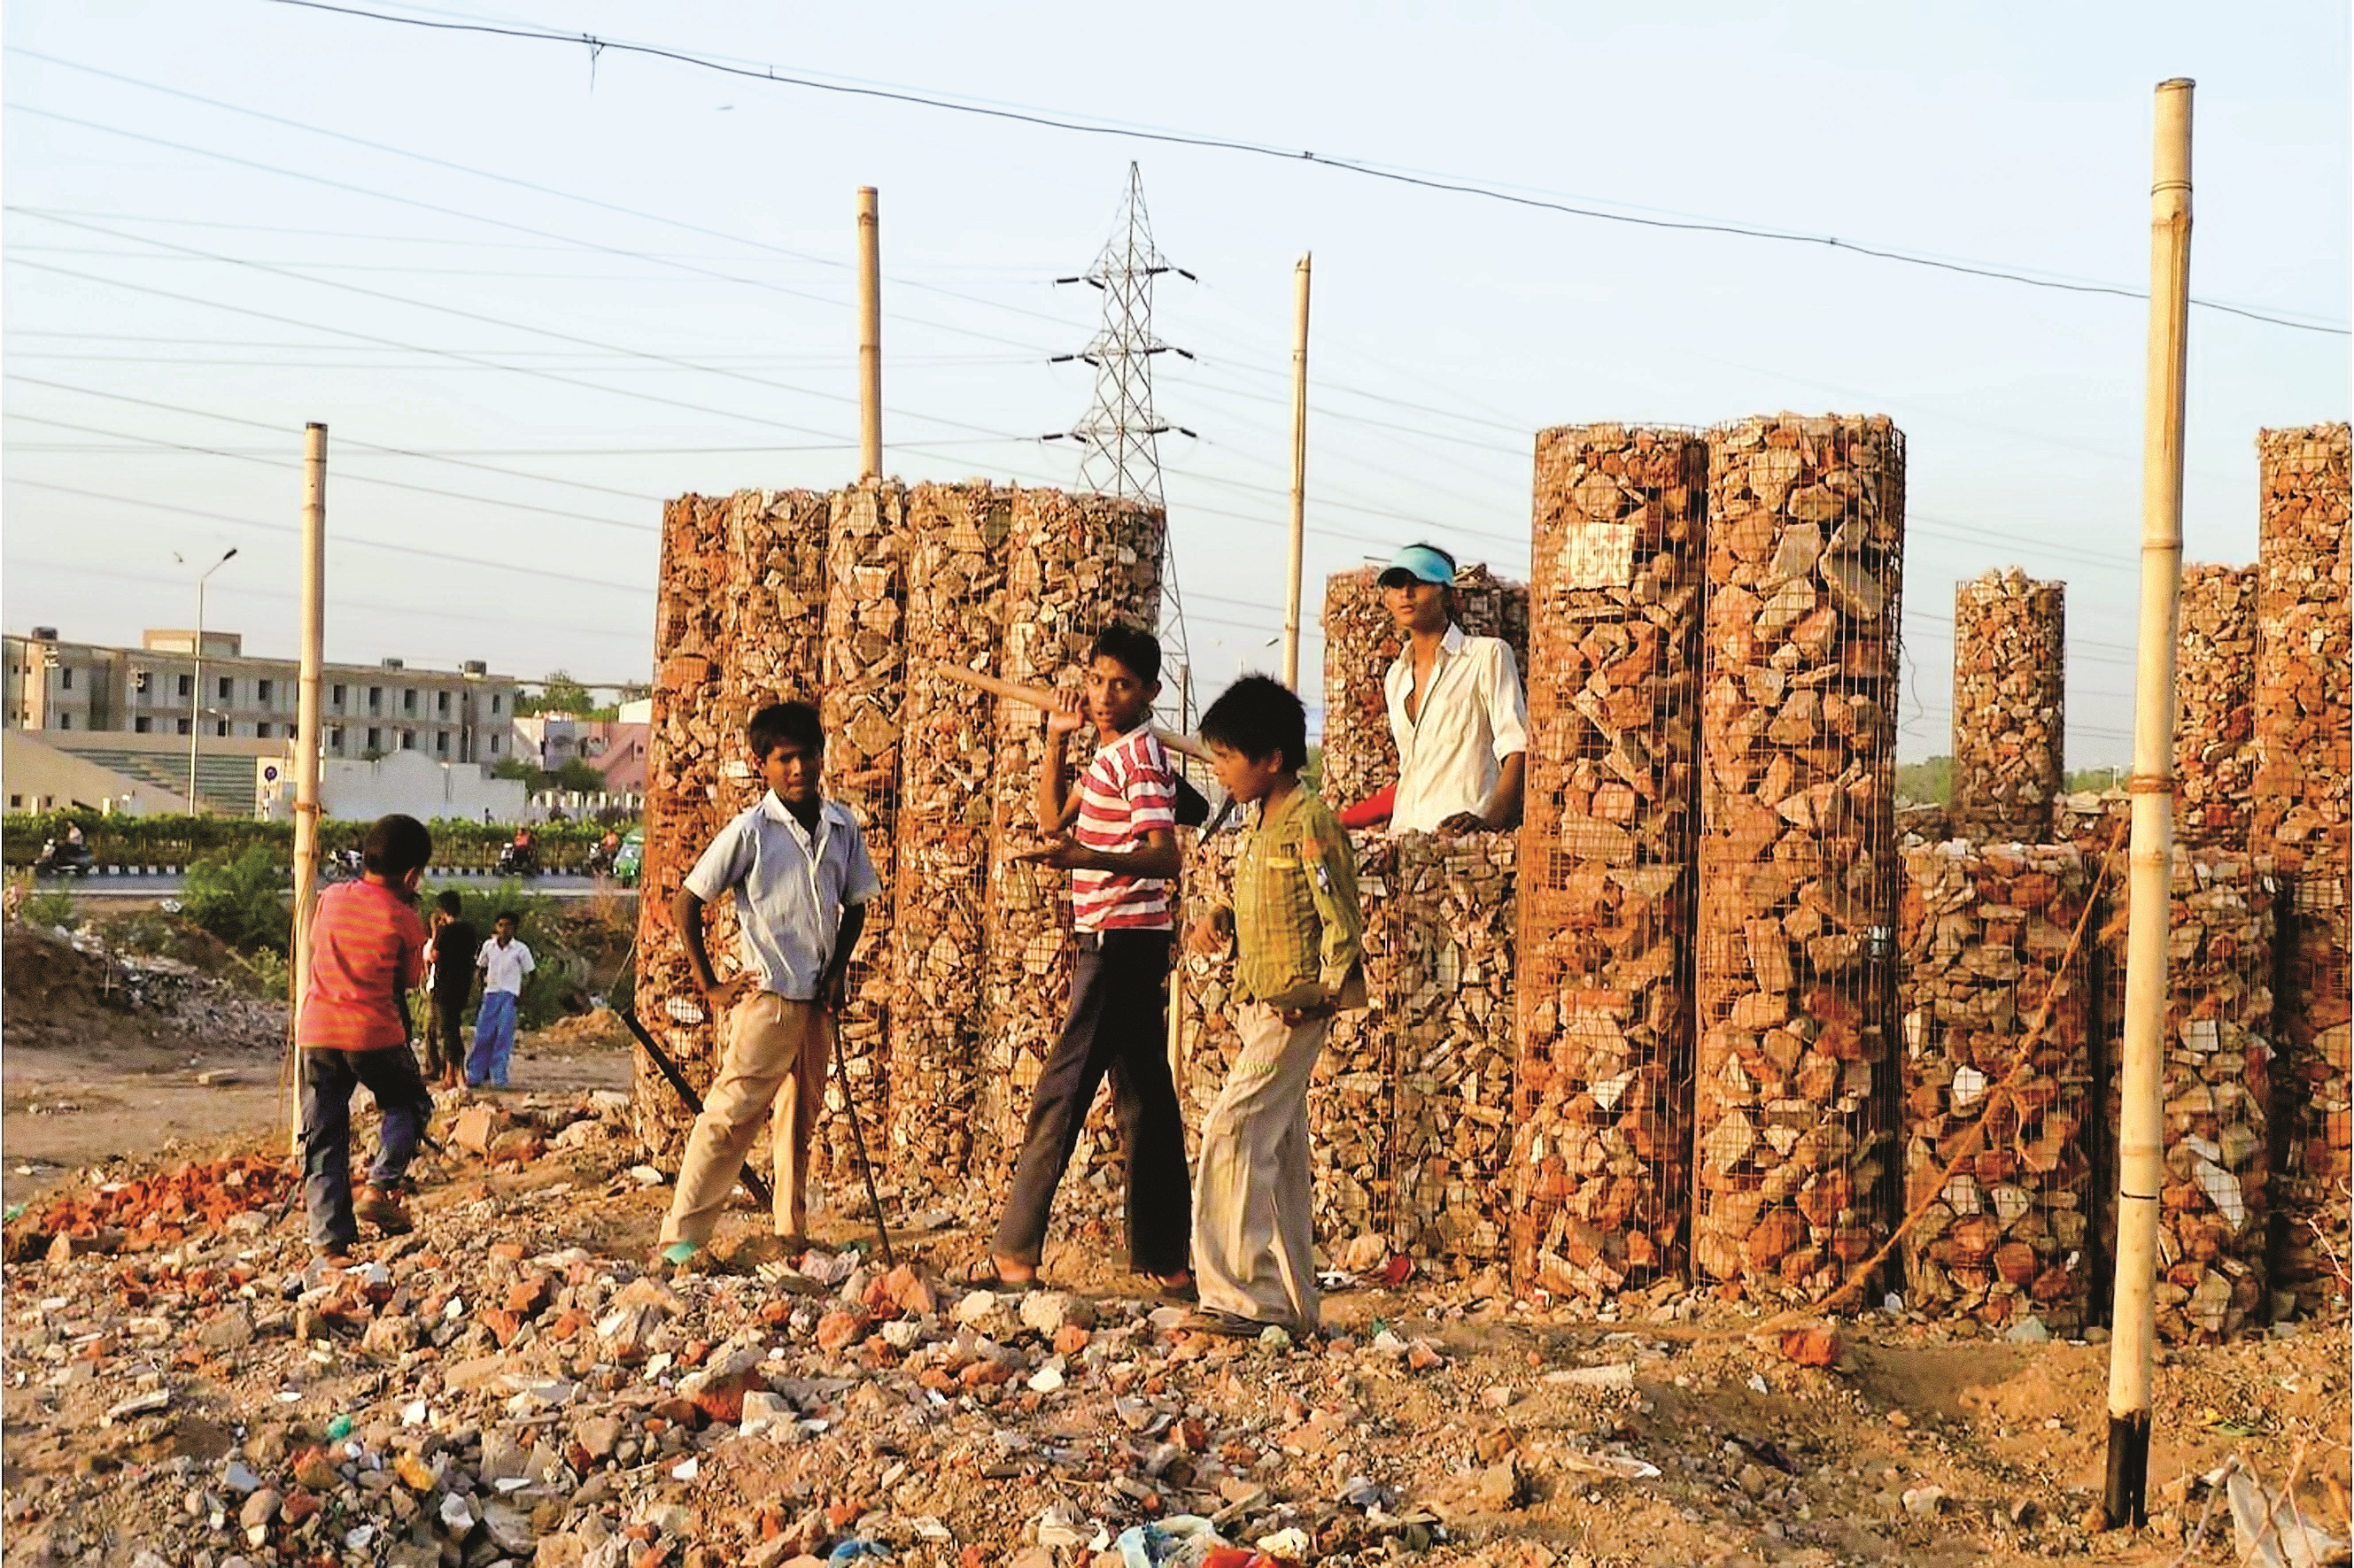 دانشآموزان در احمدآباد هند با کمک خسوس پوراس مونتسینو، معمار اسپانیایی، مشغول ساخت مدرسه